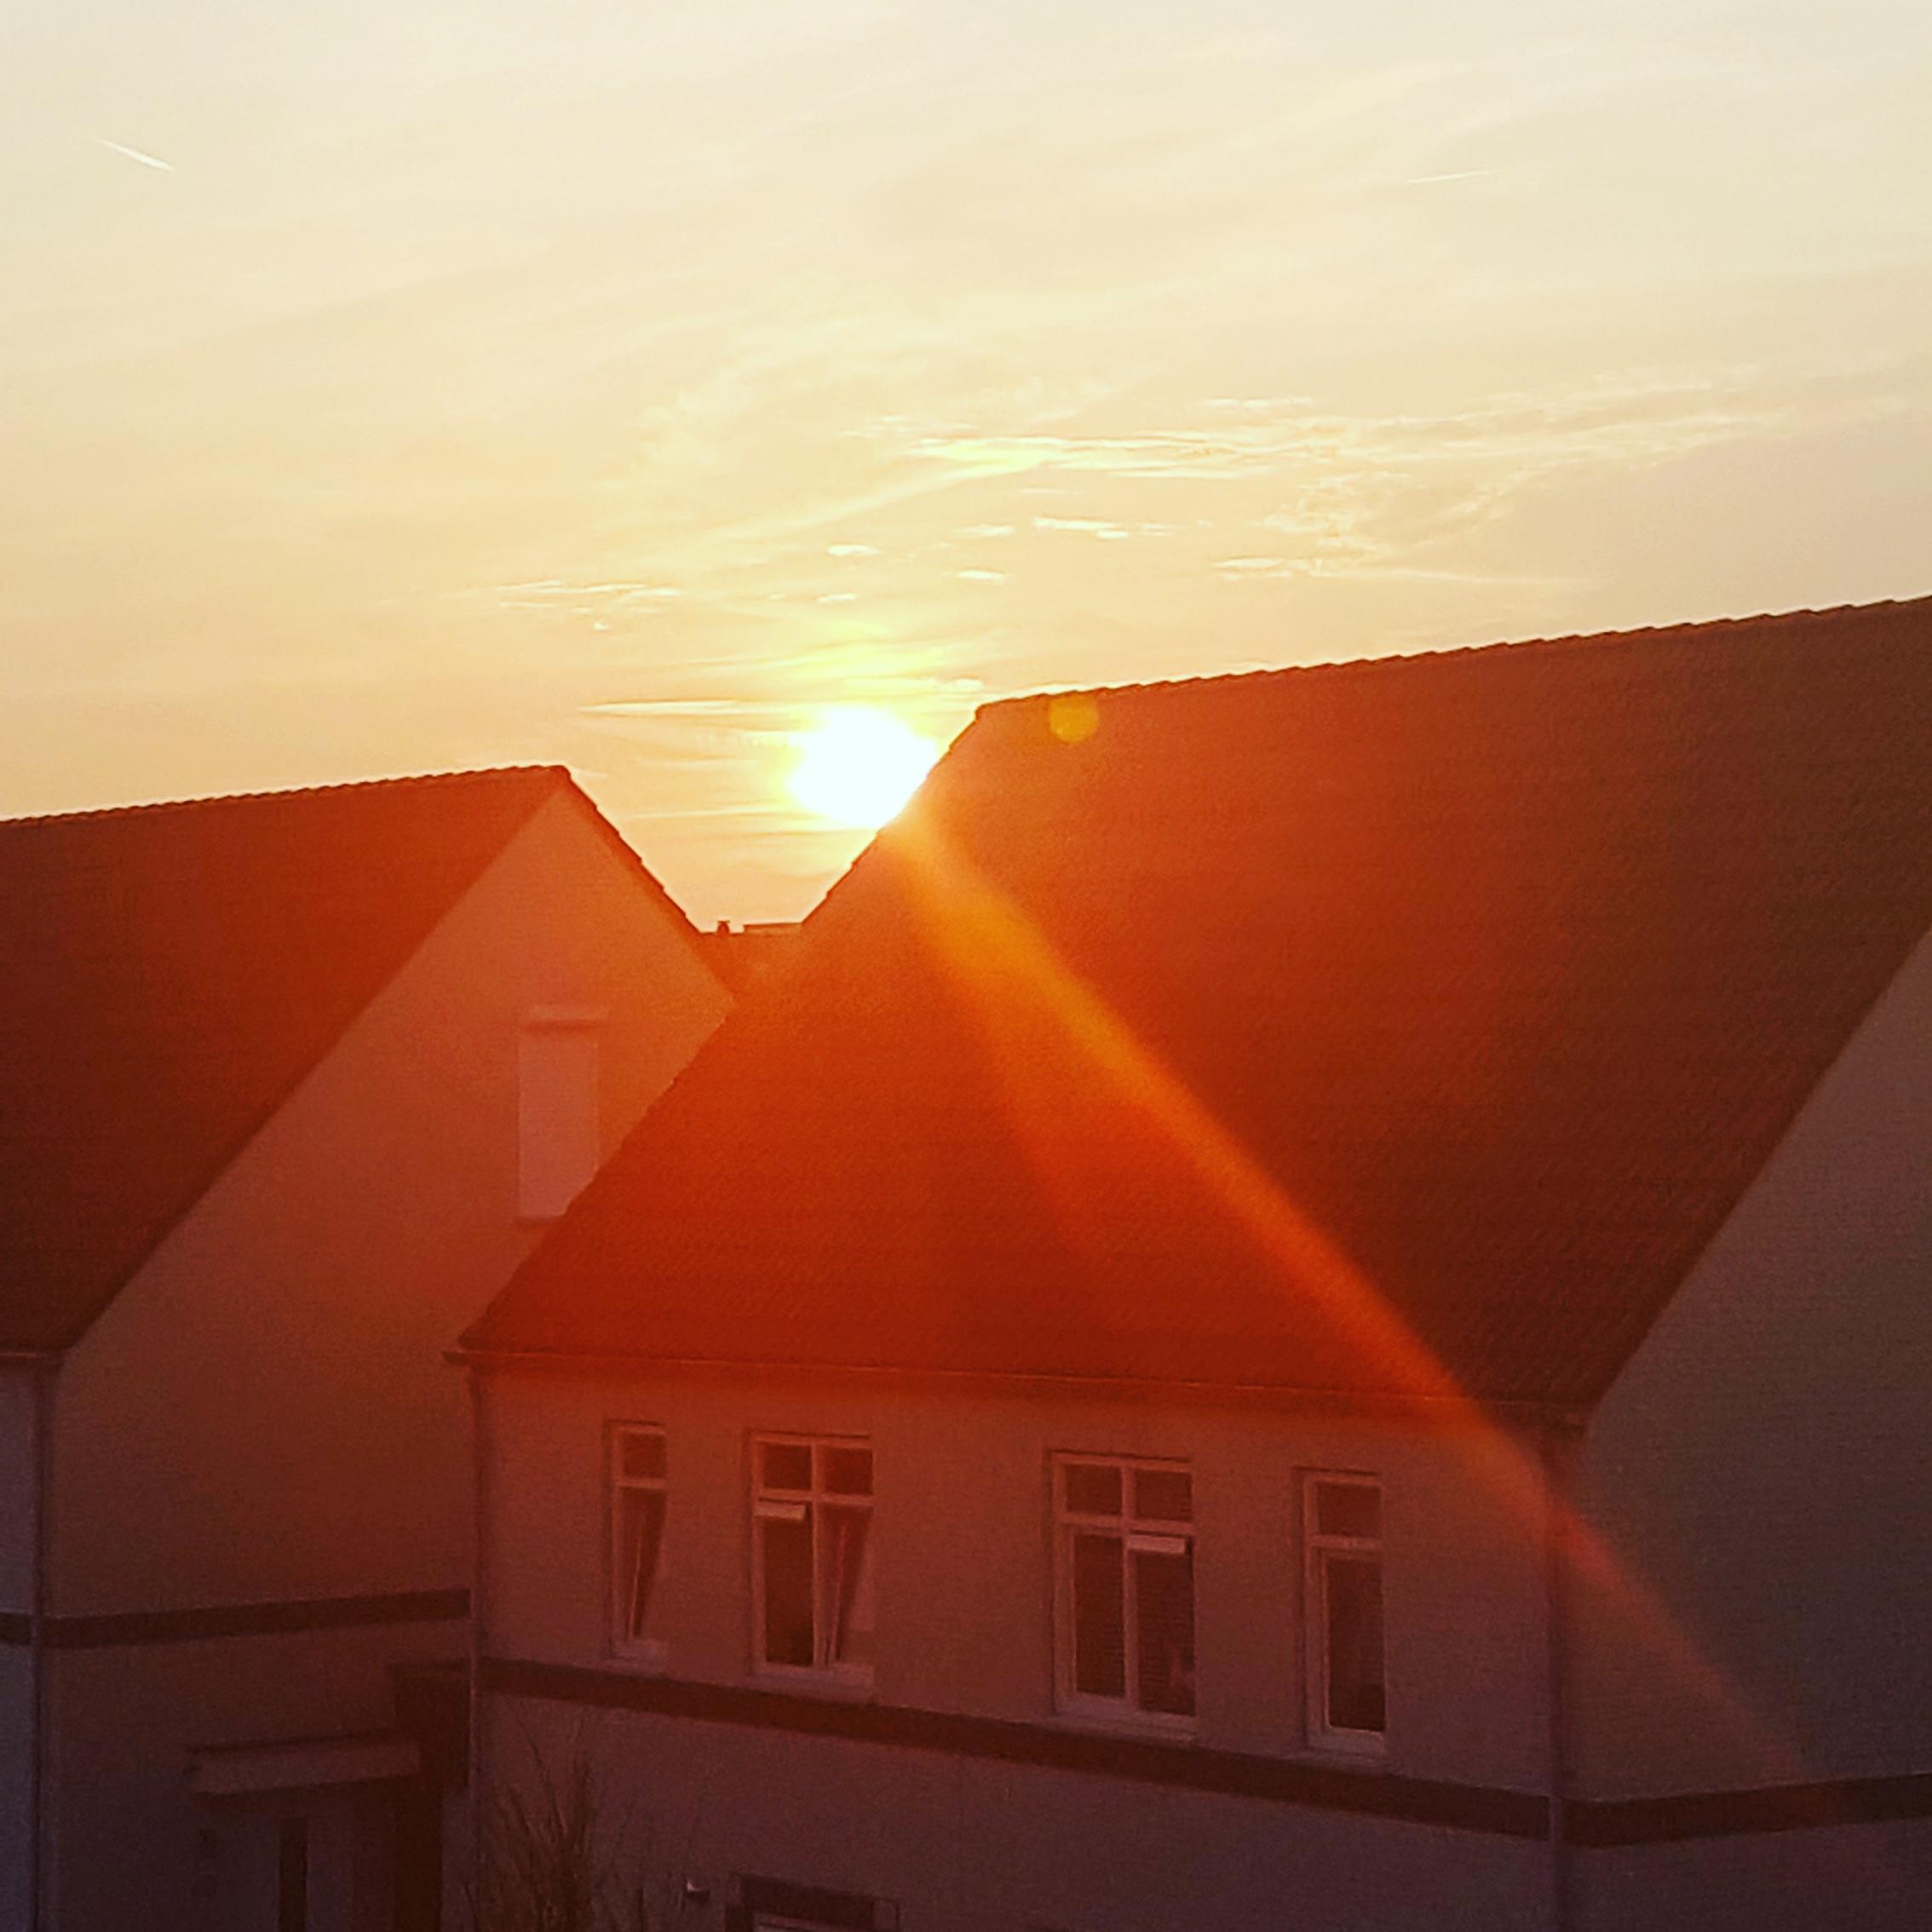 картинка дом любви и солнца жители выкладывают фотографии